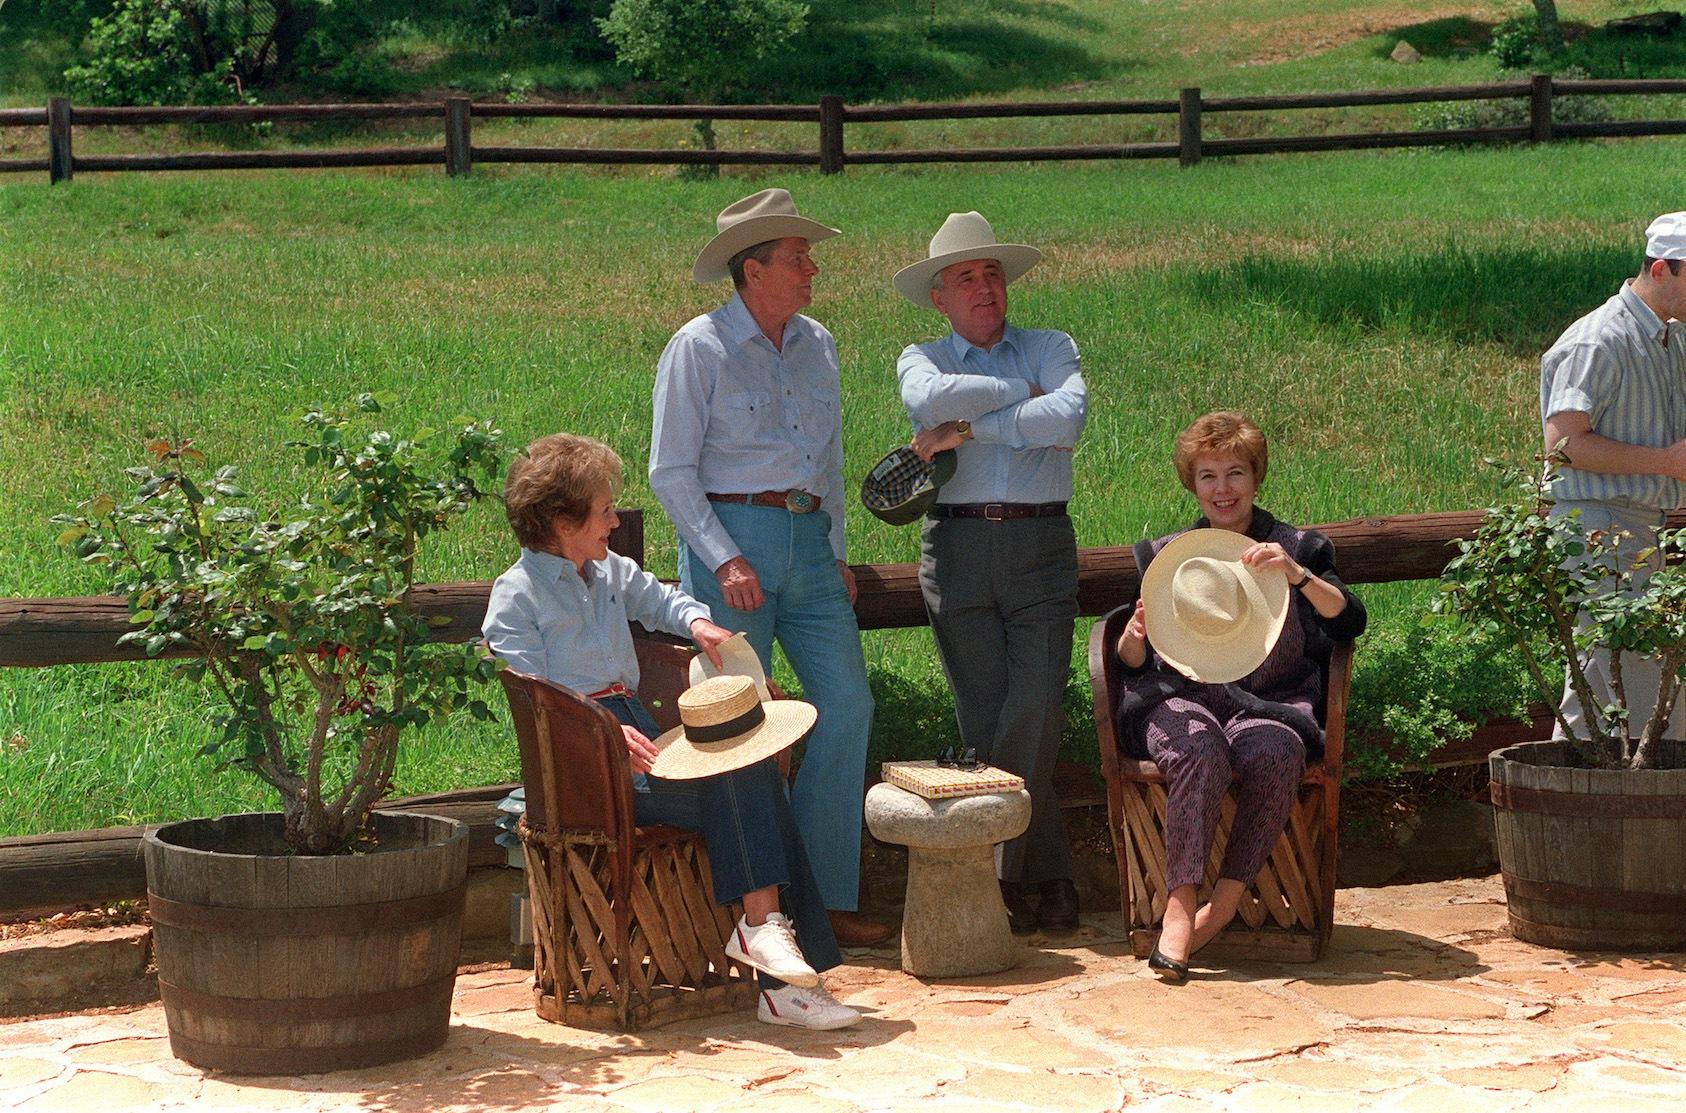 Ronald reagan at his ranch in Santa Barbara